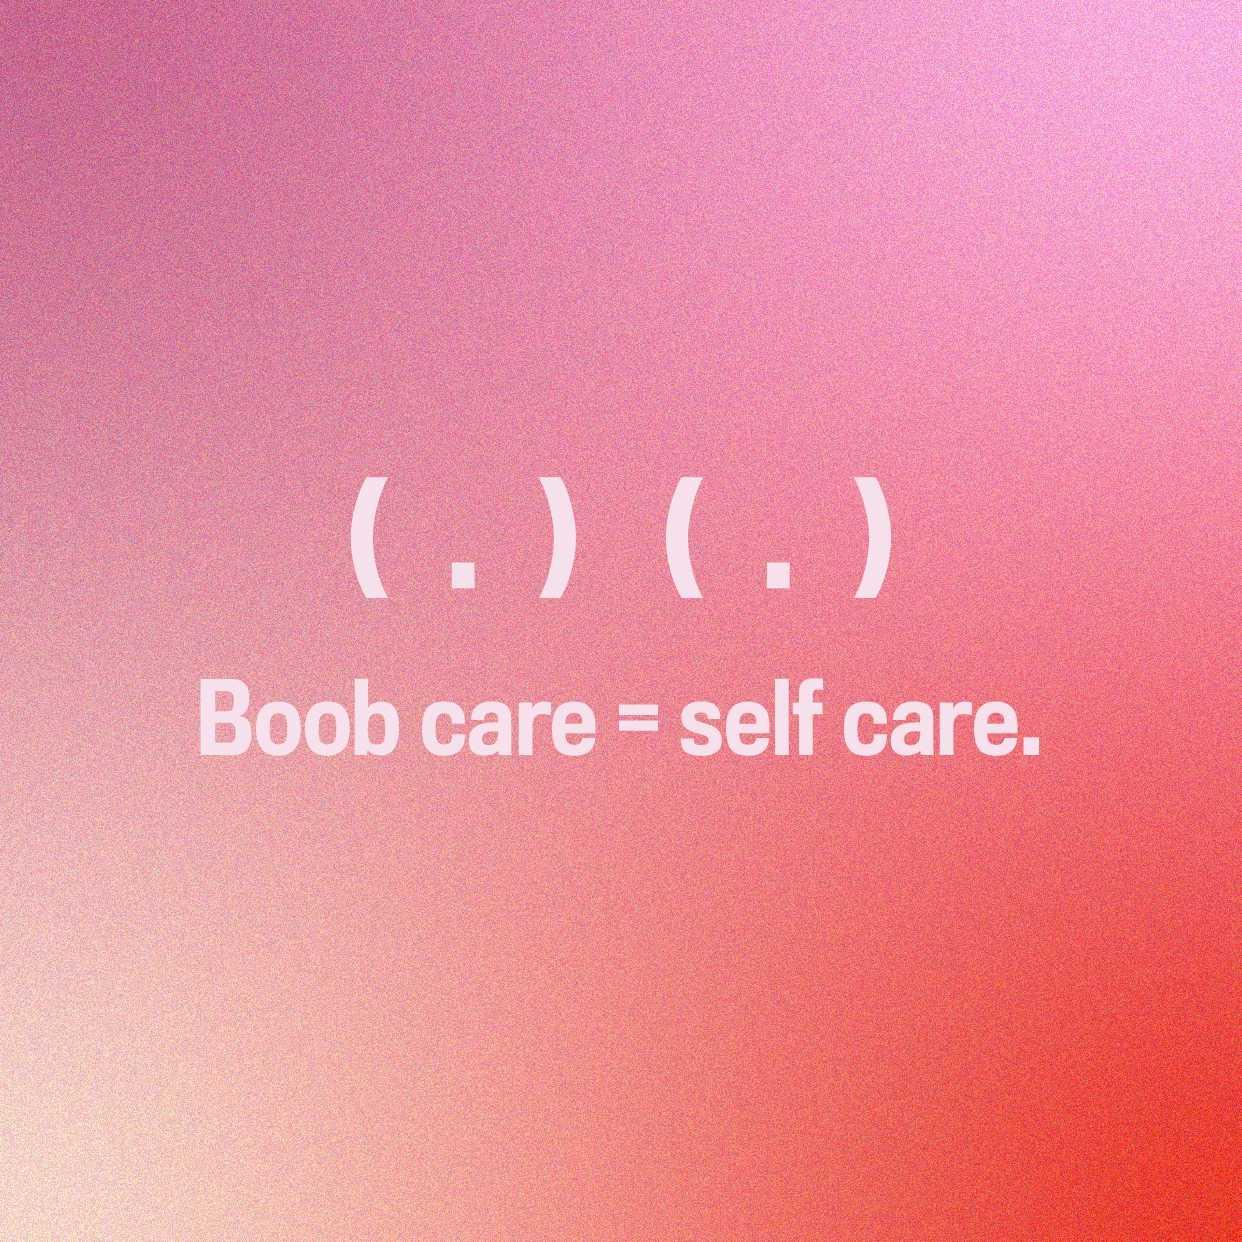 Les e-cards qui font plaiz' aux tits et au moral pour octobre rose